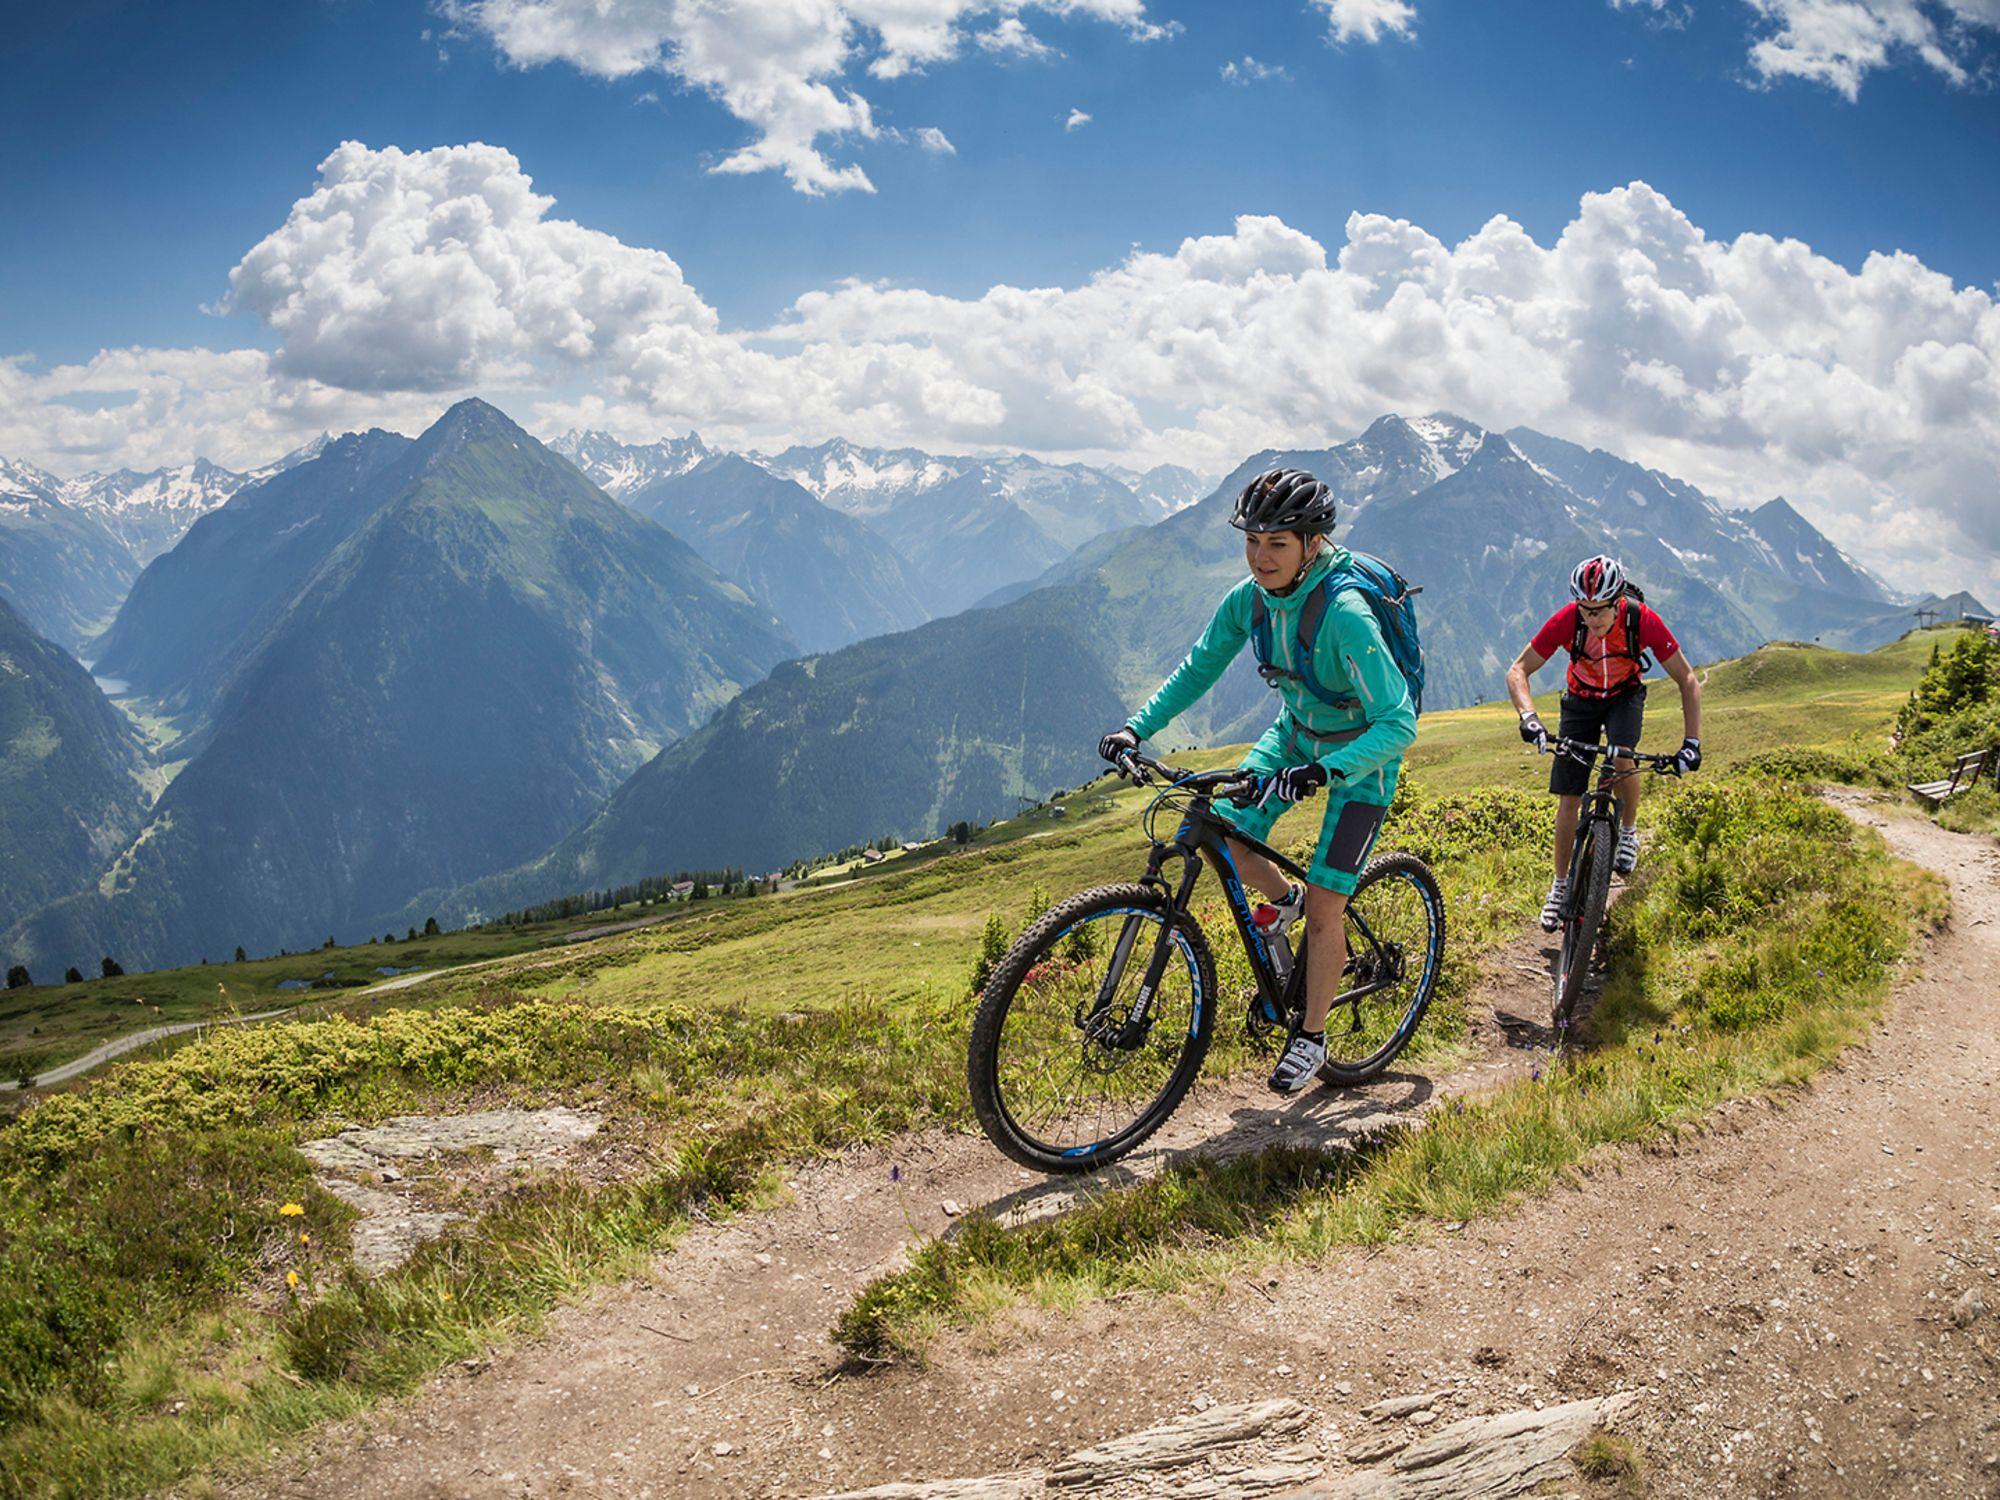 Mountainbiken am Berg - was gibt es Schöneres?